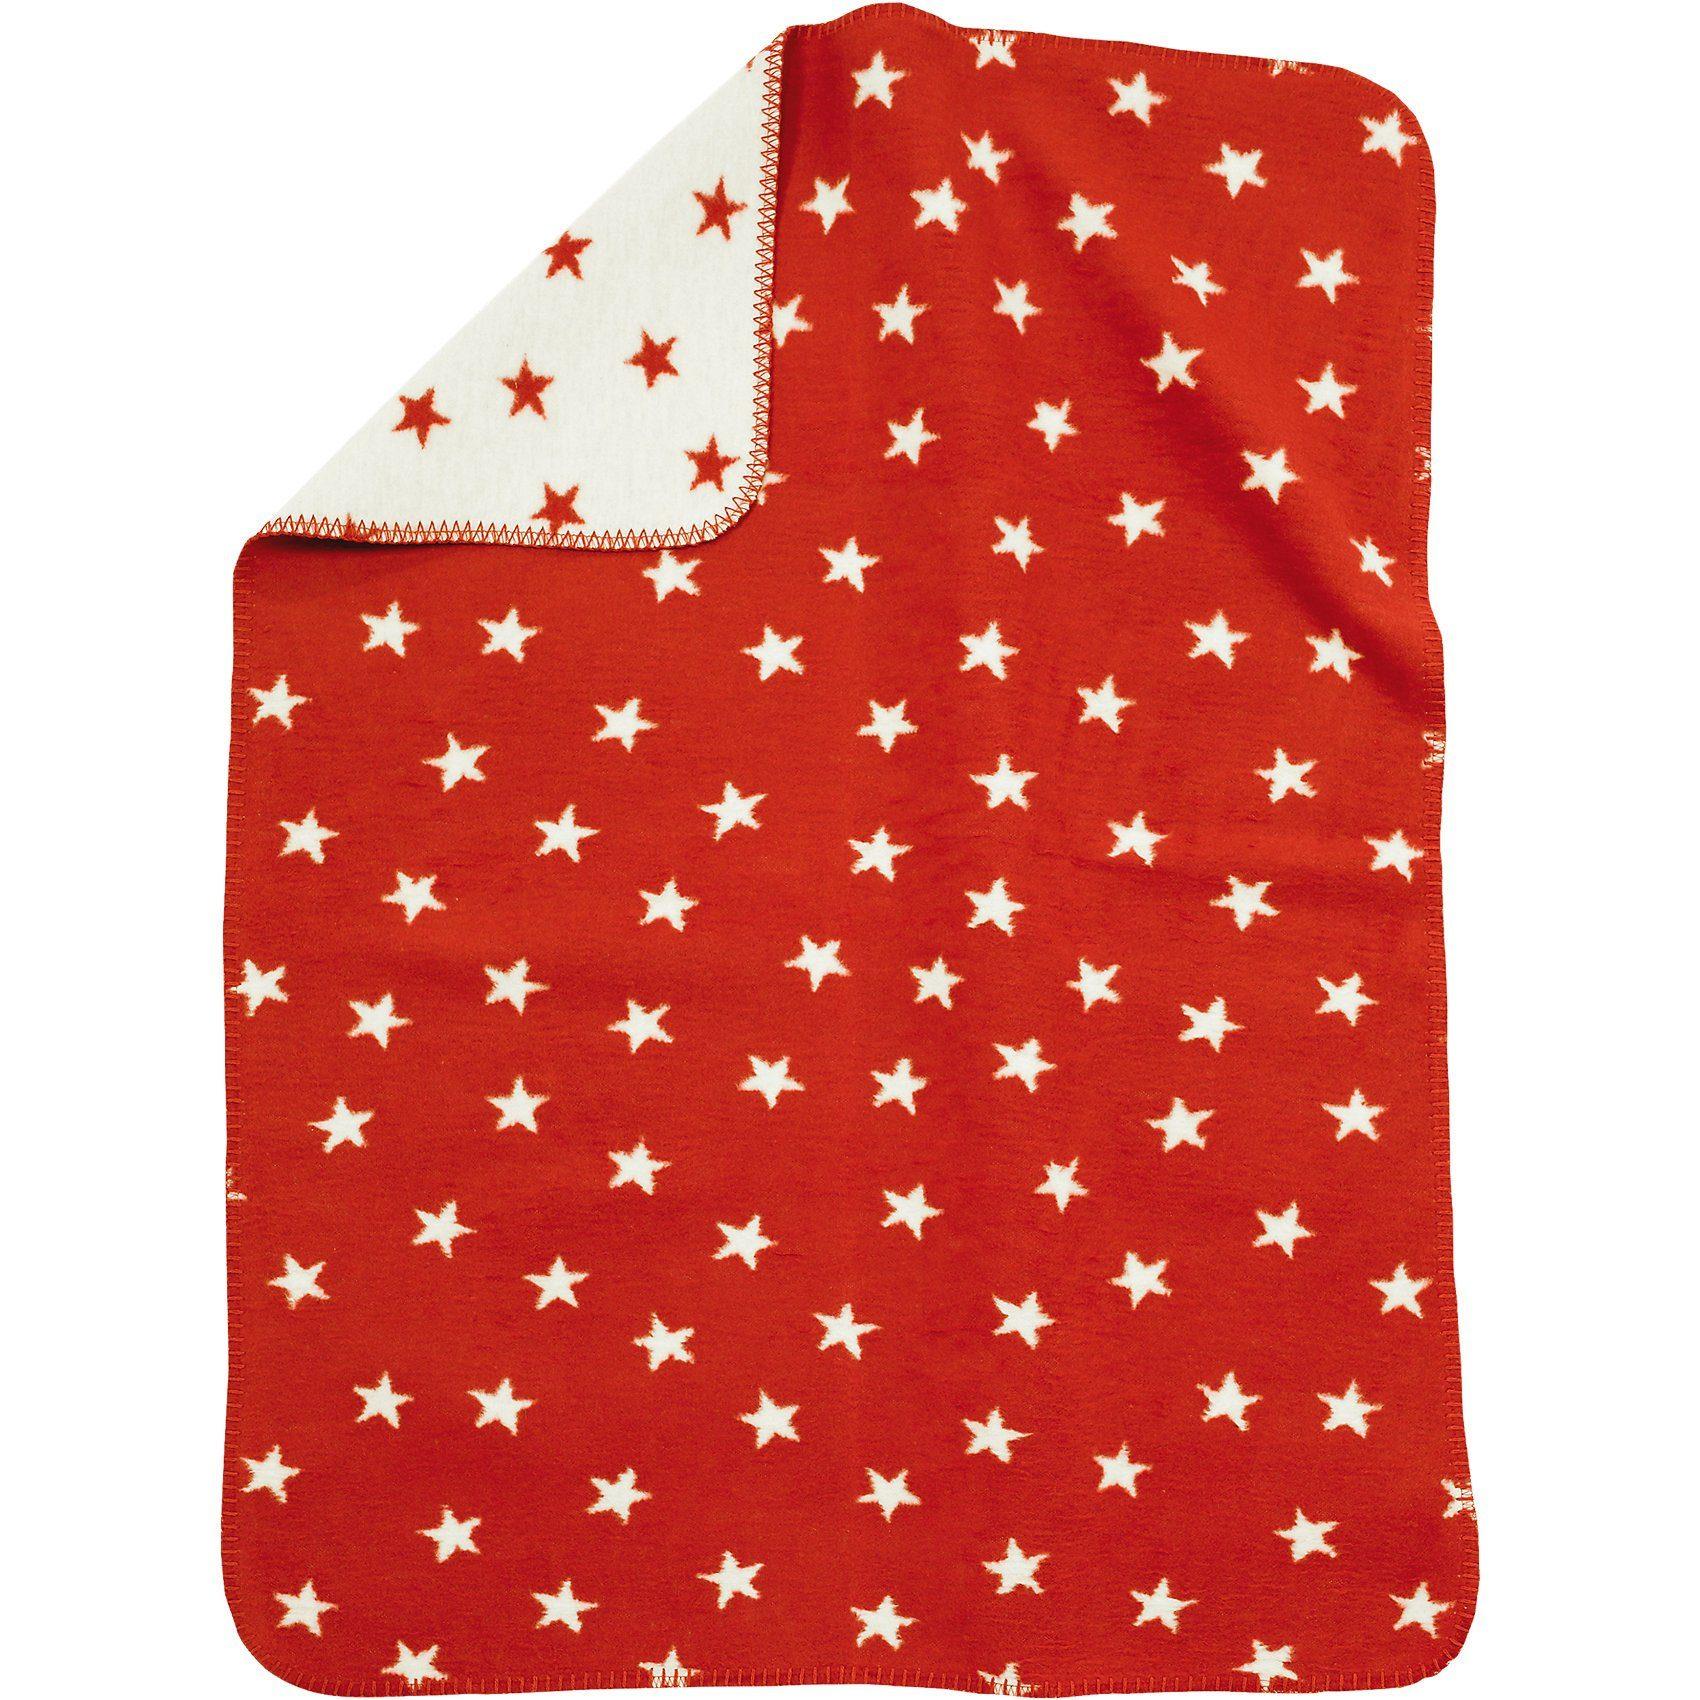 Alvi Babydecke mit UV-Schutz, Baumwolle, Sterne rot, 75 x 100 cm